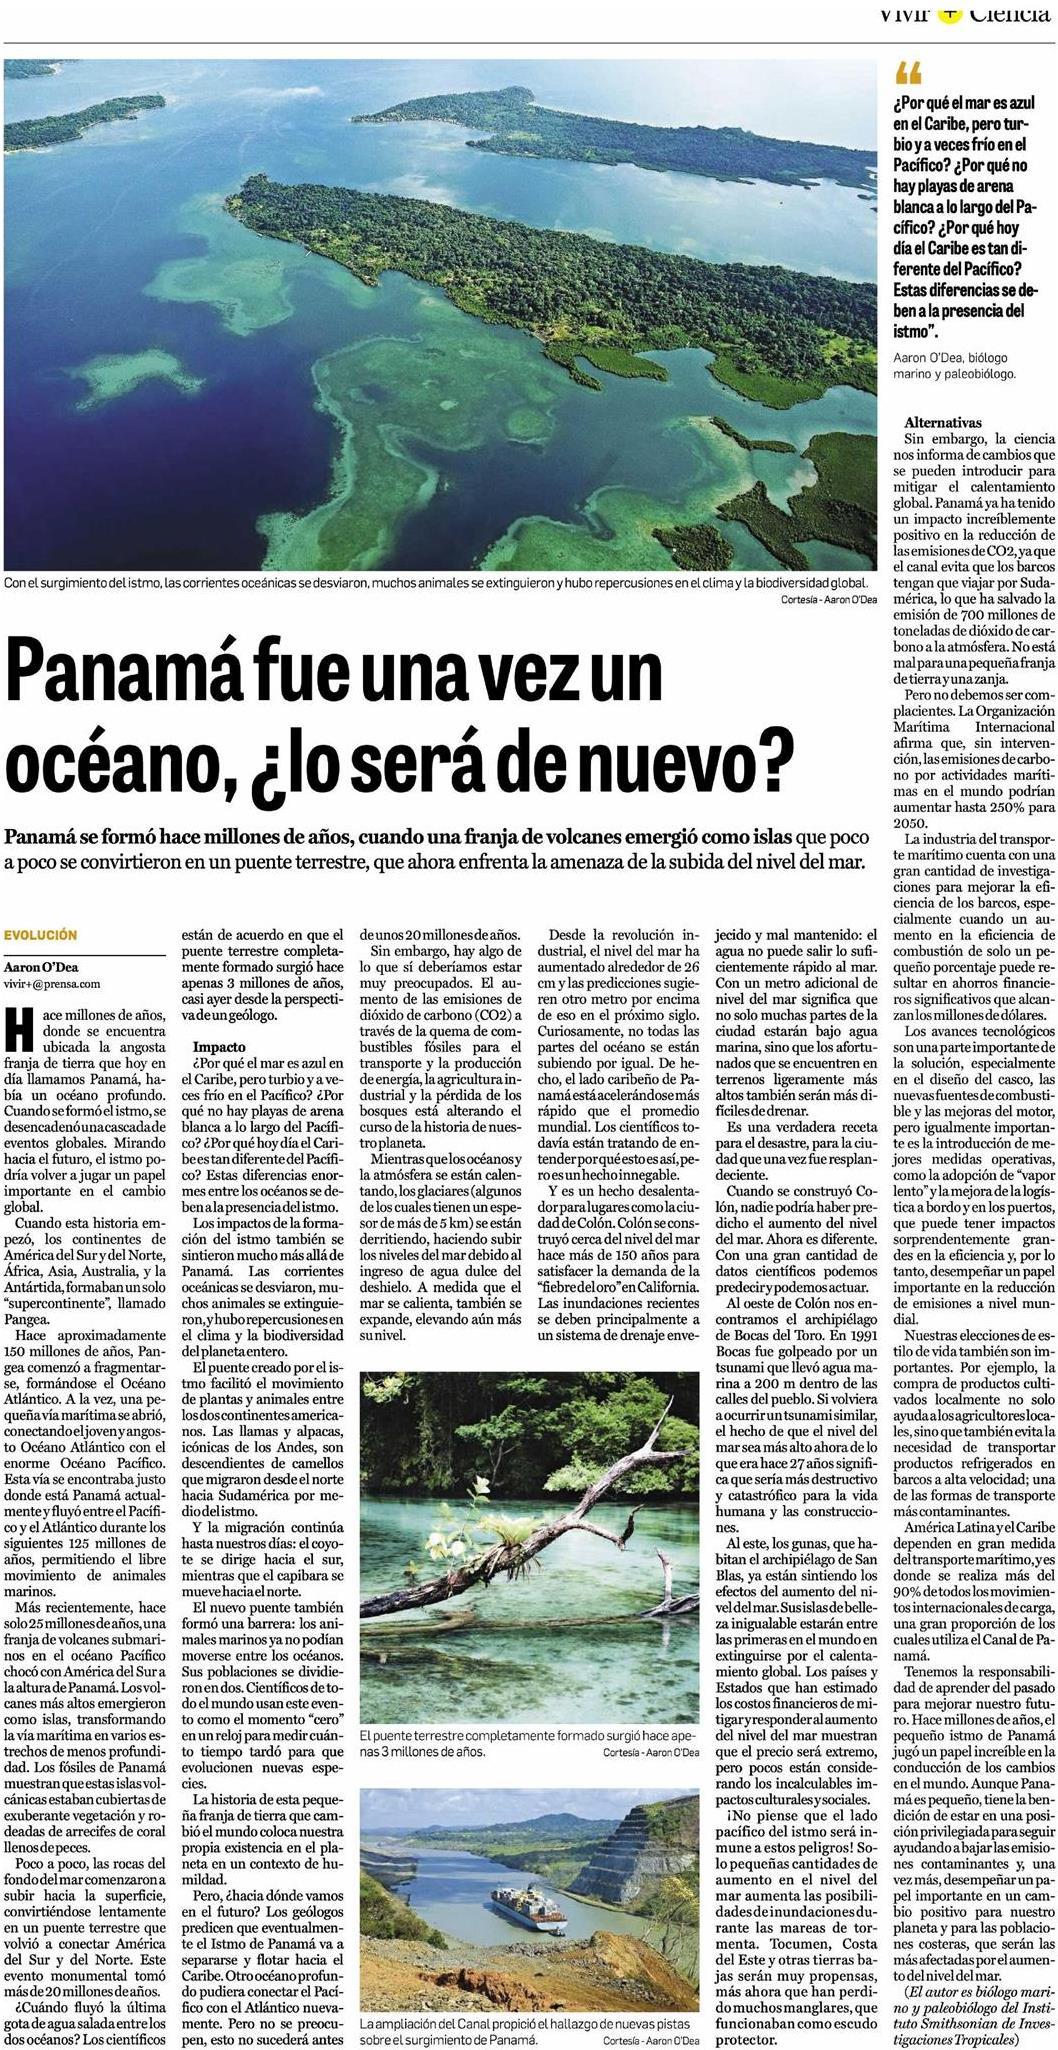 O'Dea 2018 Panama era Mar 17 December La Prensa